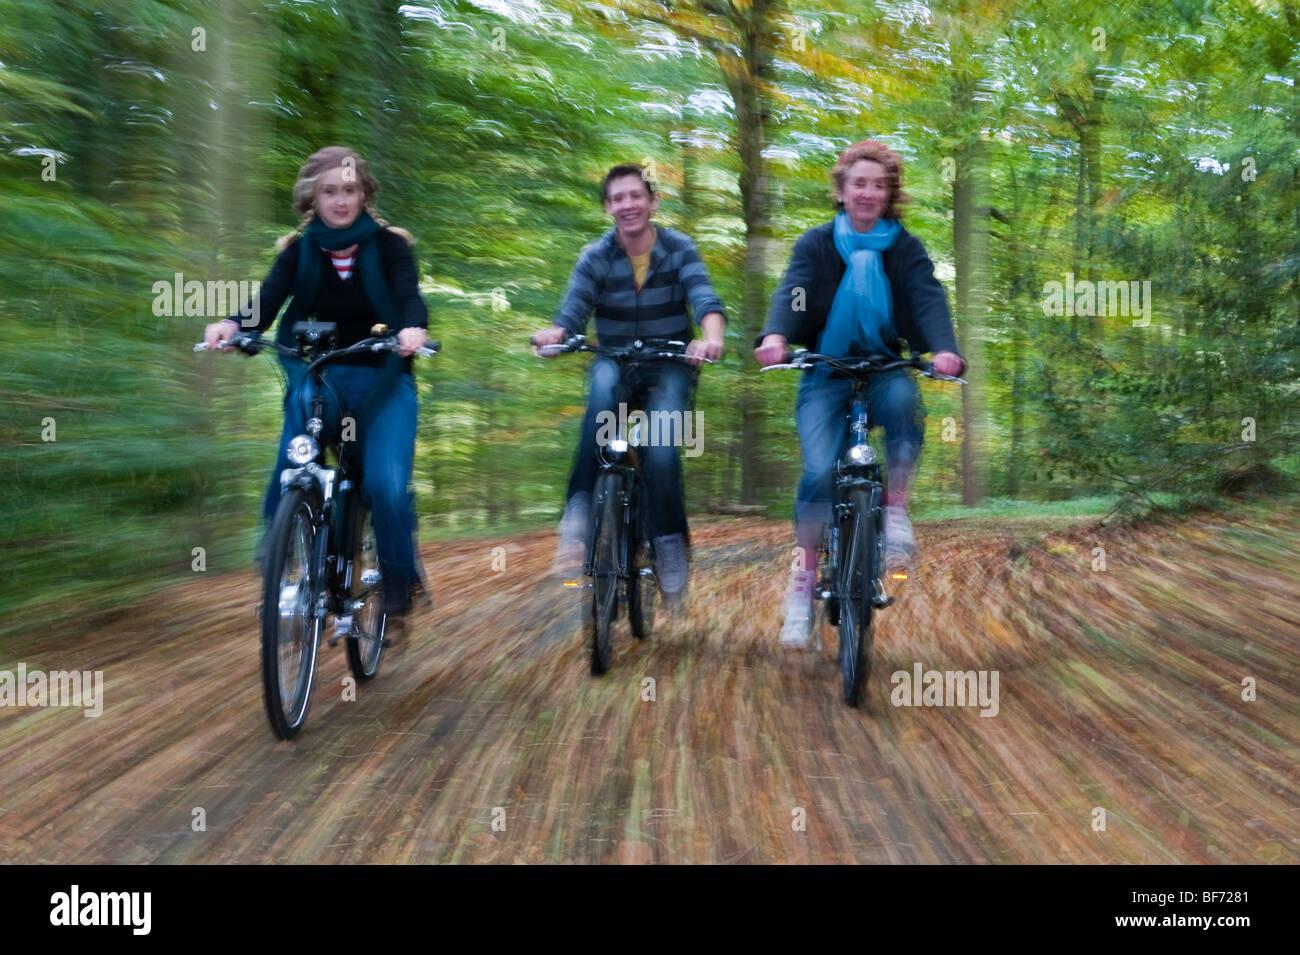 Tre adolescenti cavalcare le loro biciclette elettriche lungo una pista di Bosco in autunno (sfocatura) Immagini Stock